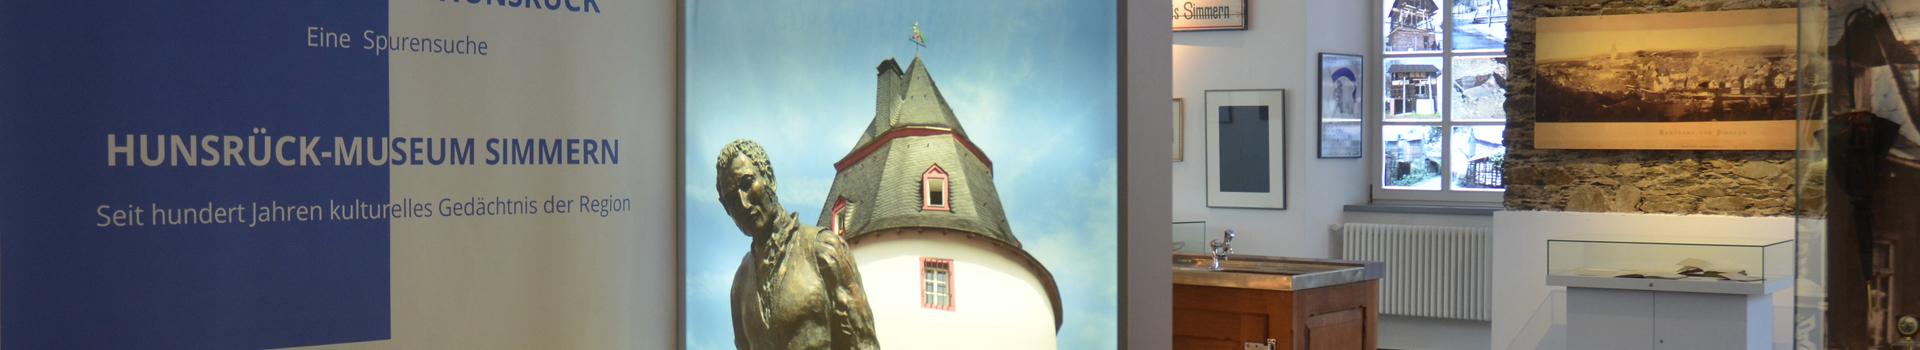 Hunsrück-Museum Simmern